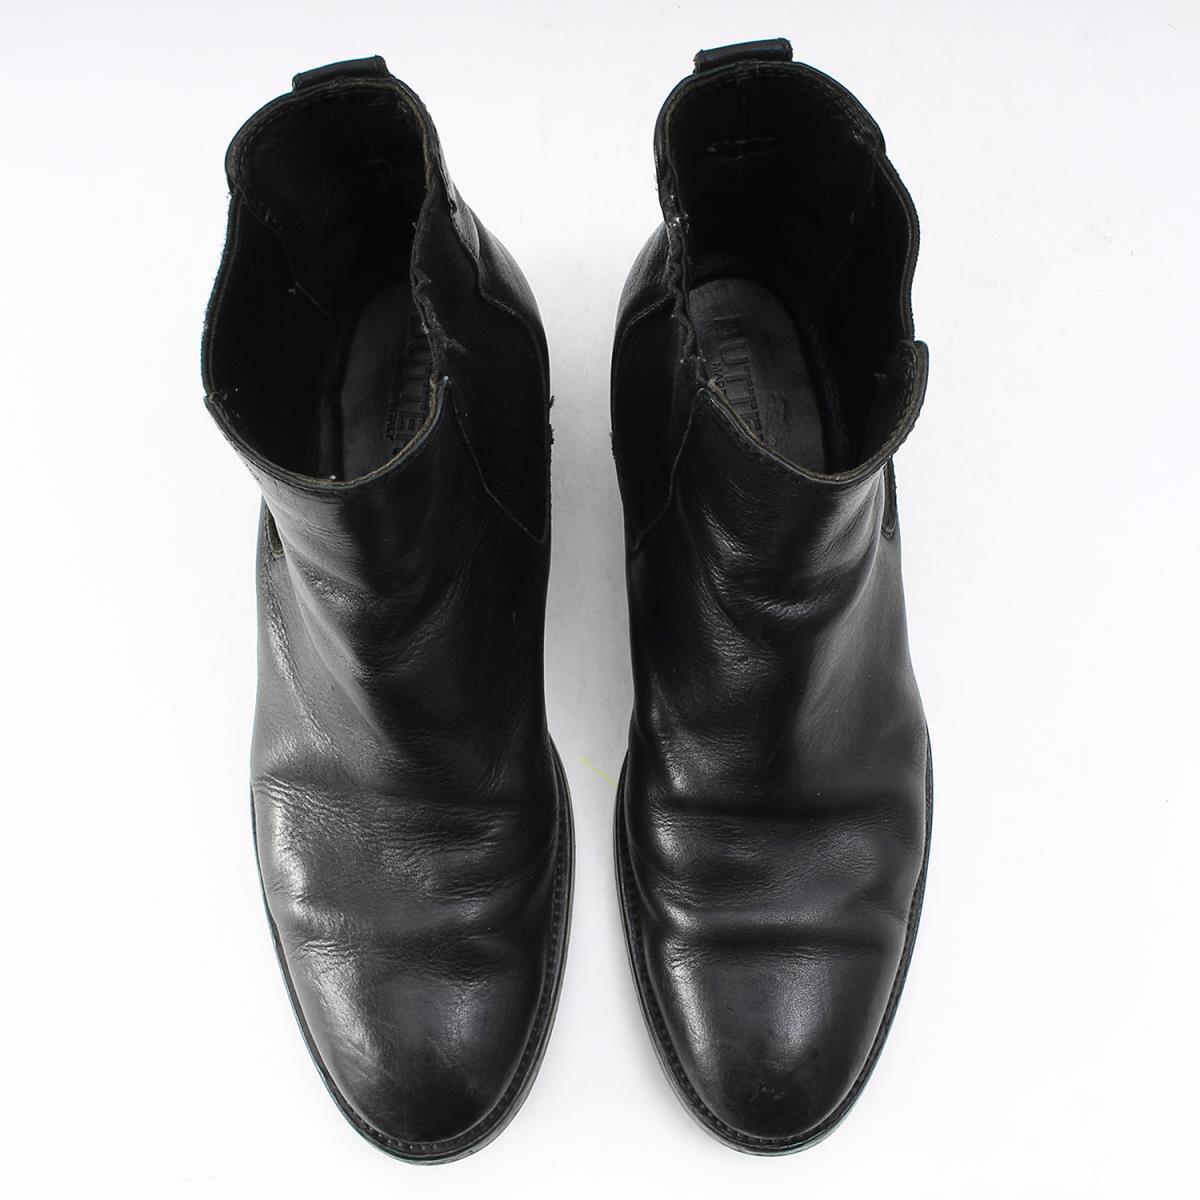 BUTTEROブッテロ靴 レザー サイドゴア ブーツ B821 ブラック 41メンズK2180あす楽 対応可rxoBCWde